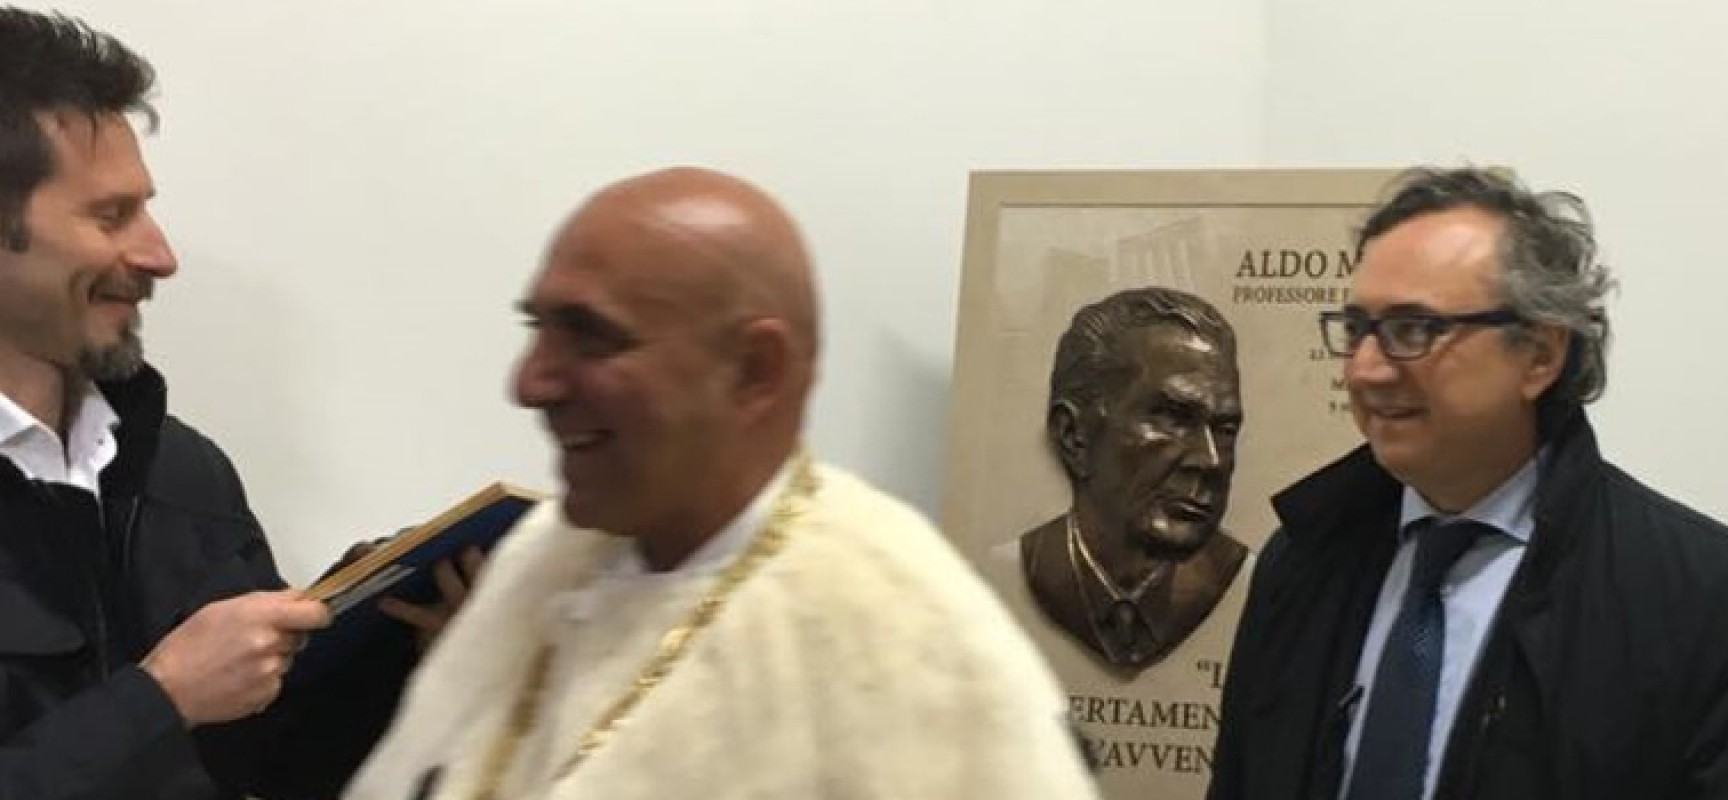 L'artista Domenico Velletri e la città di Bisceglie donano bassorilievo dedicato ad Aldo Moro all'Università di Bari